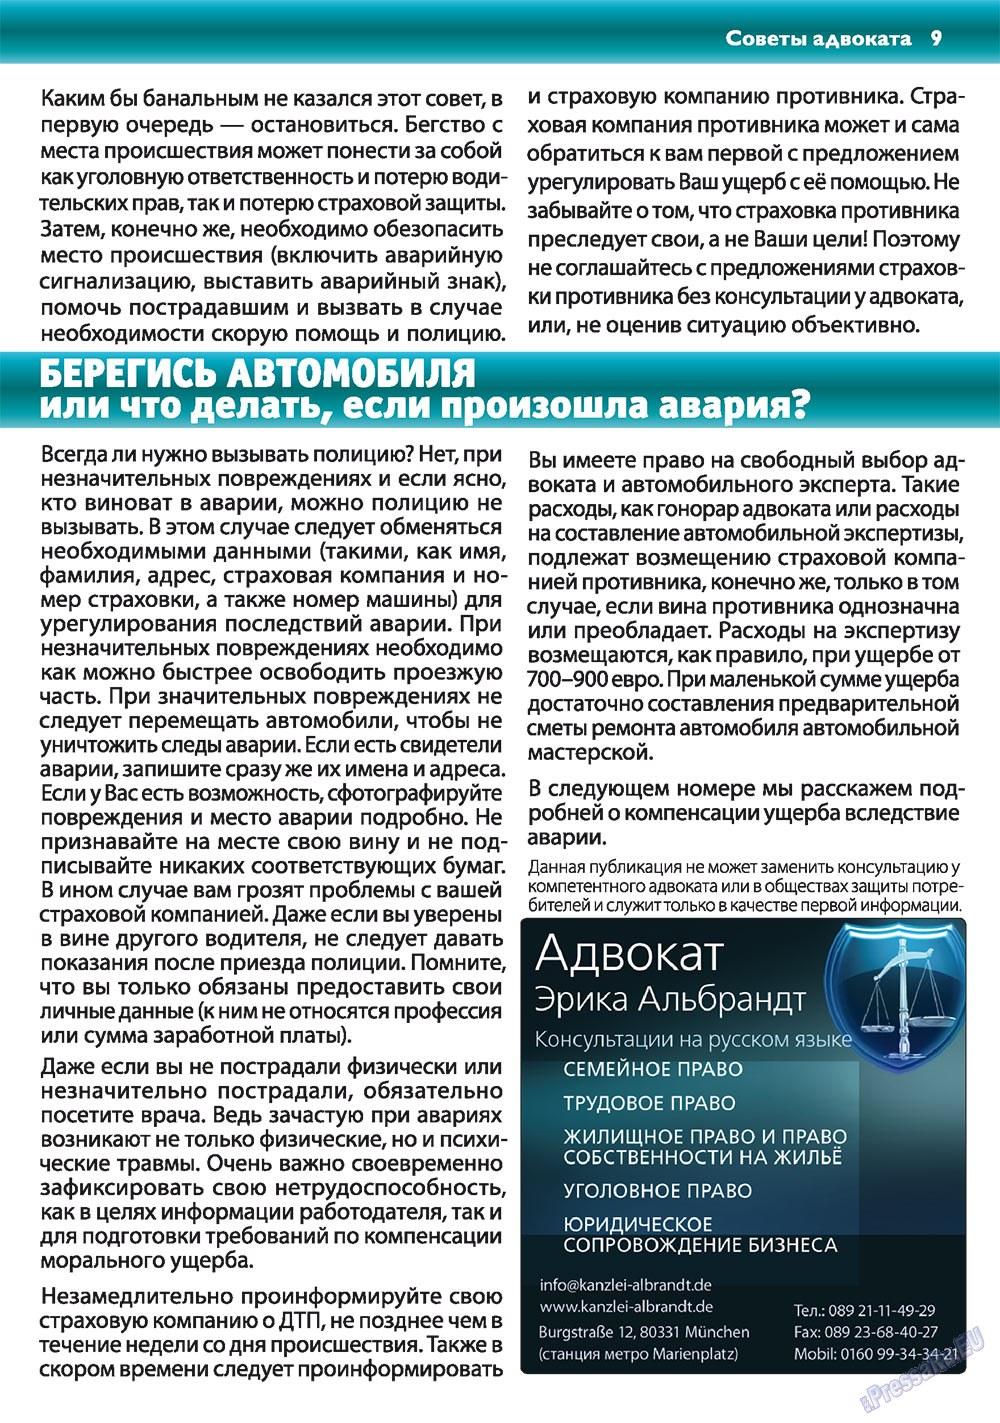 Апельсин (журнал). 2010 год, номер 11, стр. 9